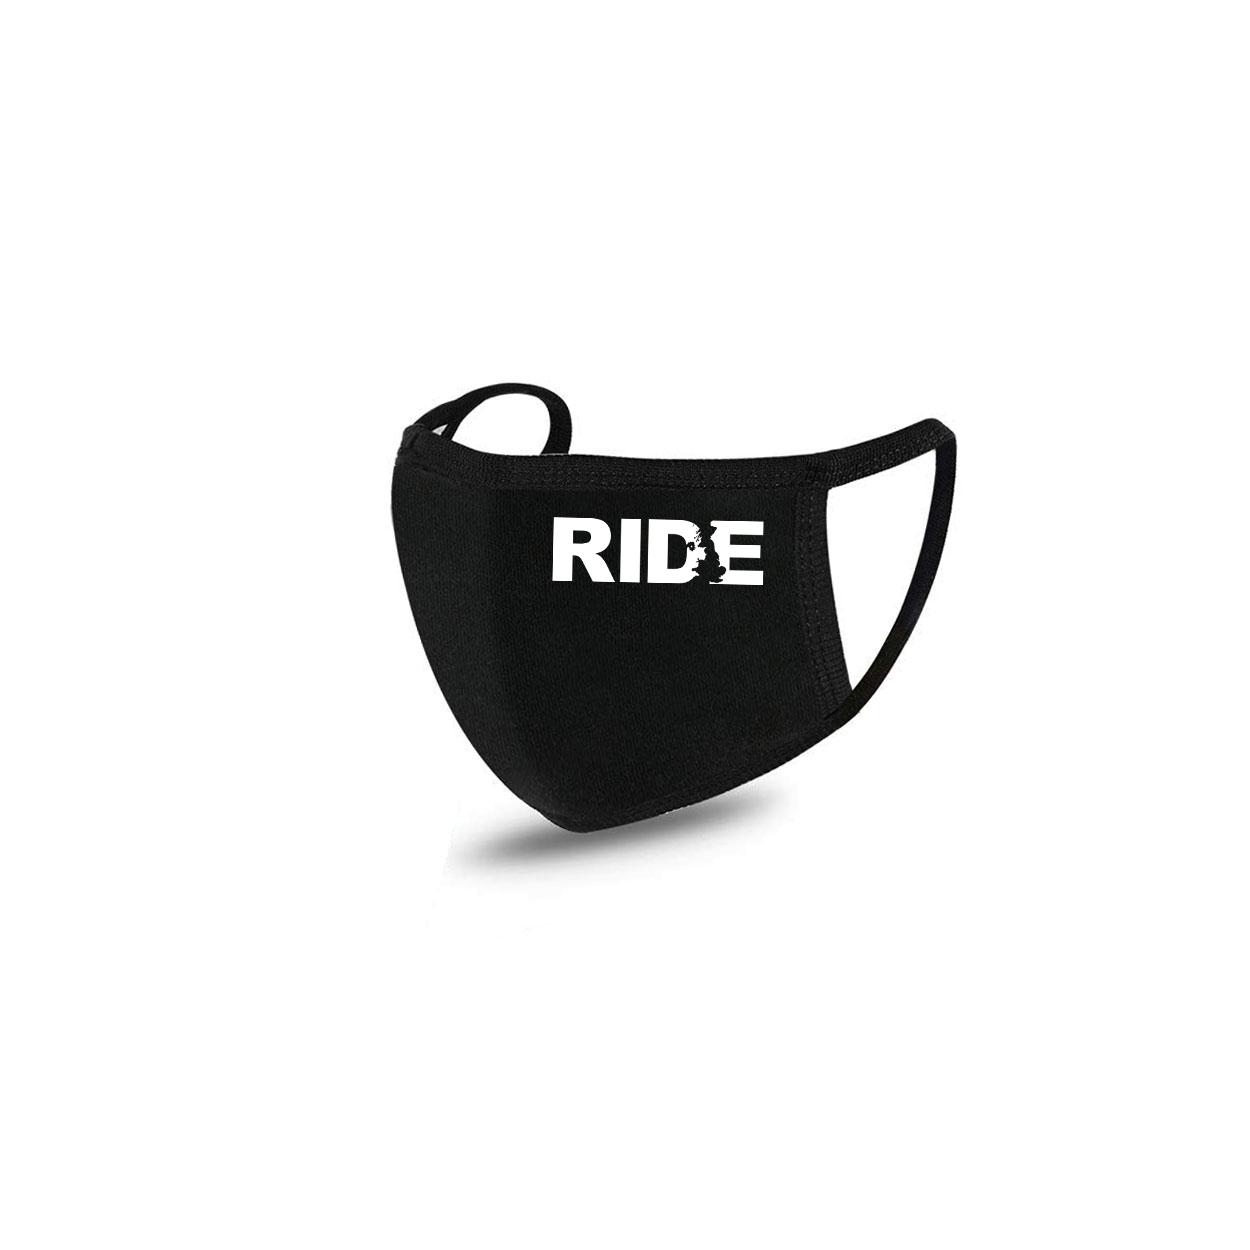 Ride United Kingdom Standard Washable Face Mask Black (White Logo)